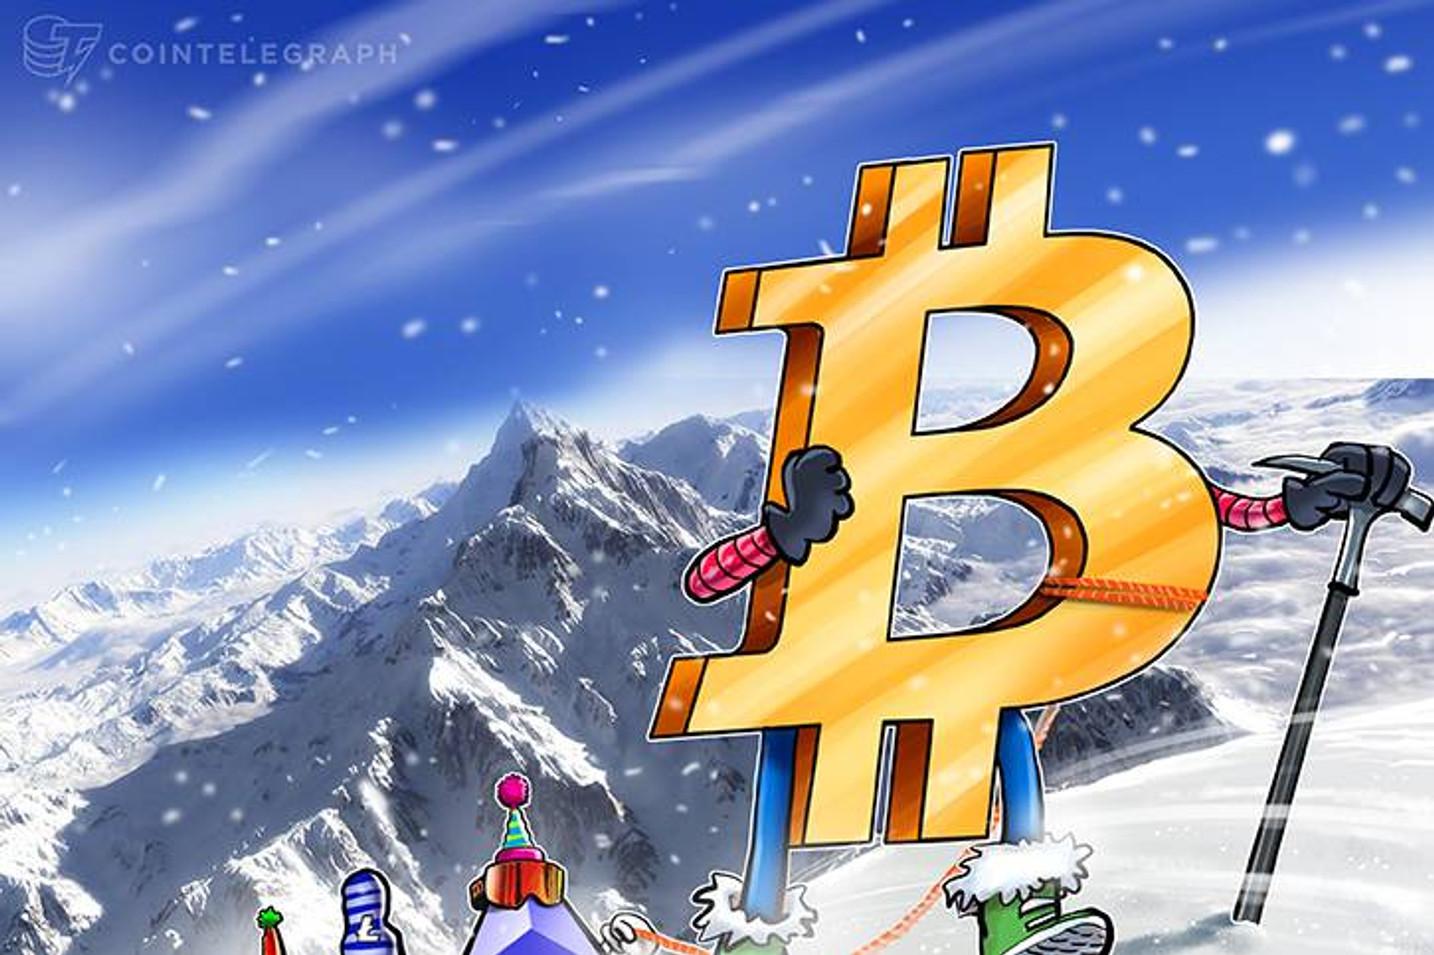 ビットコイン、1万ドルまで回復できるか=仮想通貨アナリストが分析